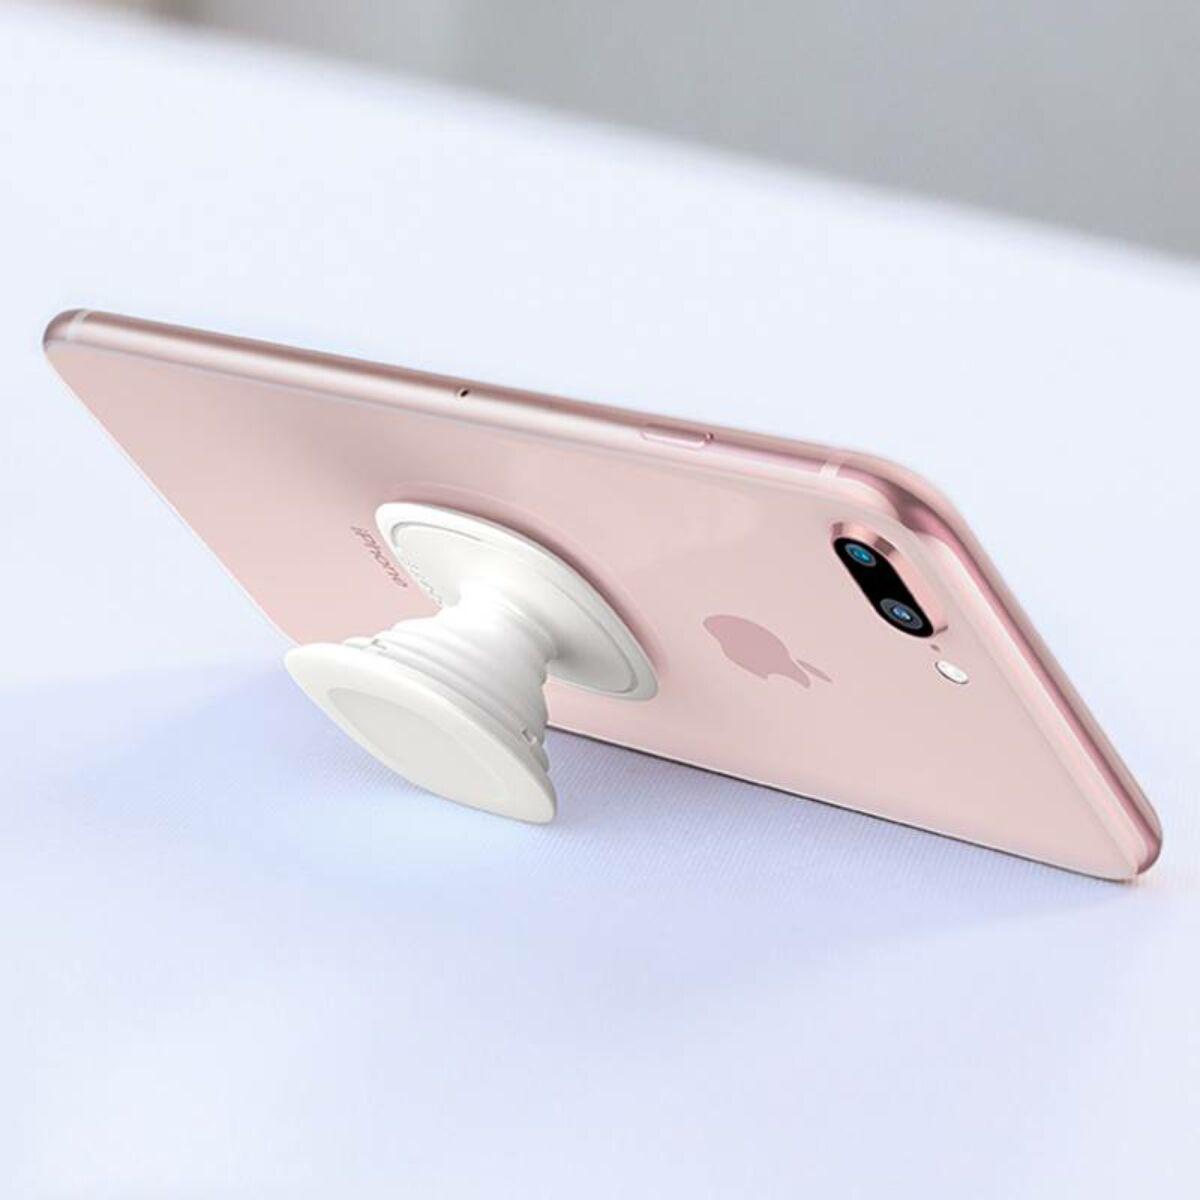 Baseus egyedi telefontartó, minden felületre ragasztható, fehér (SUMQN-02)